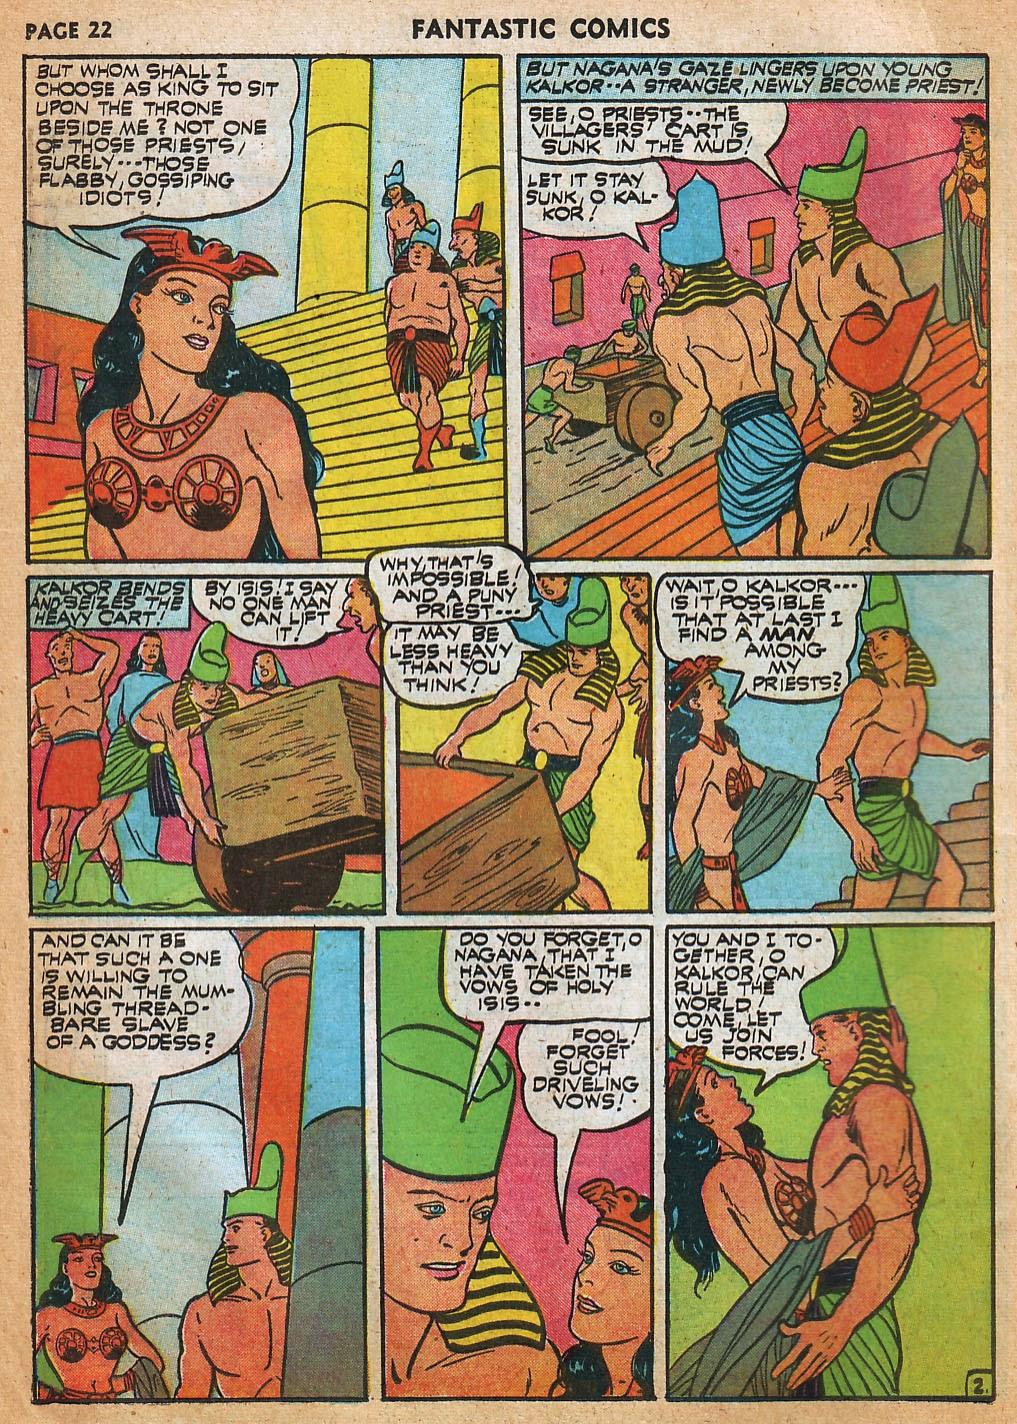 Read online Fantastic Comics comic -  Issue #22 - 24